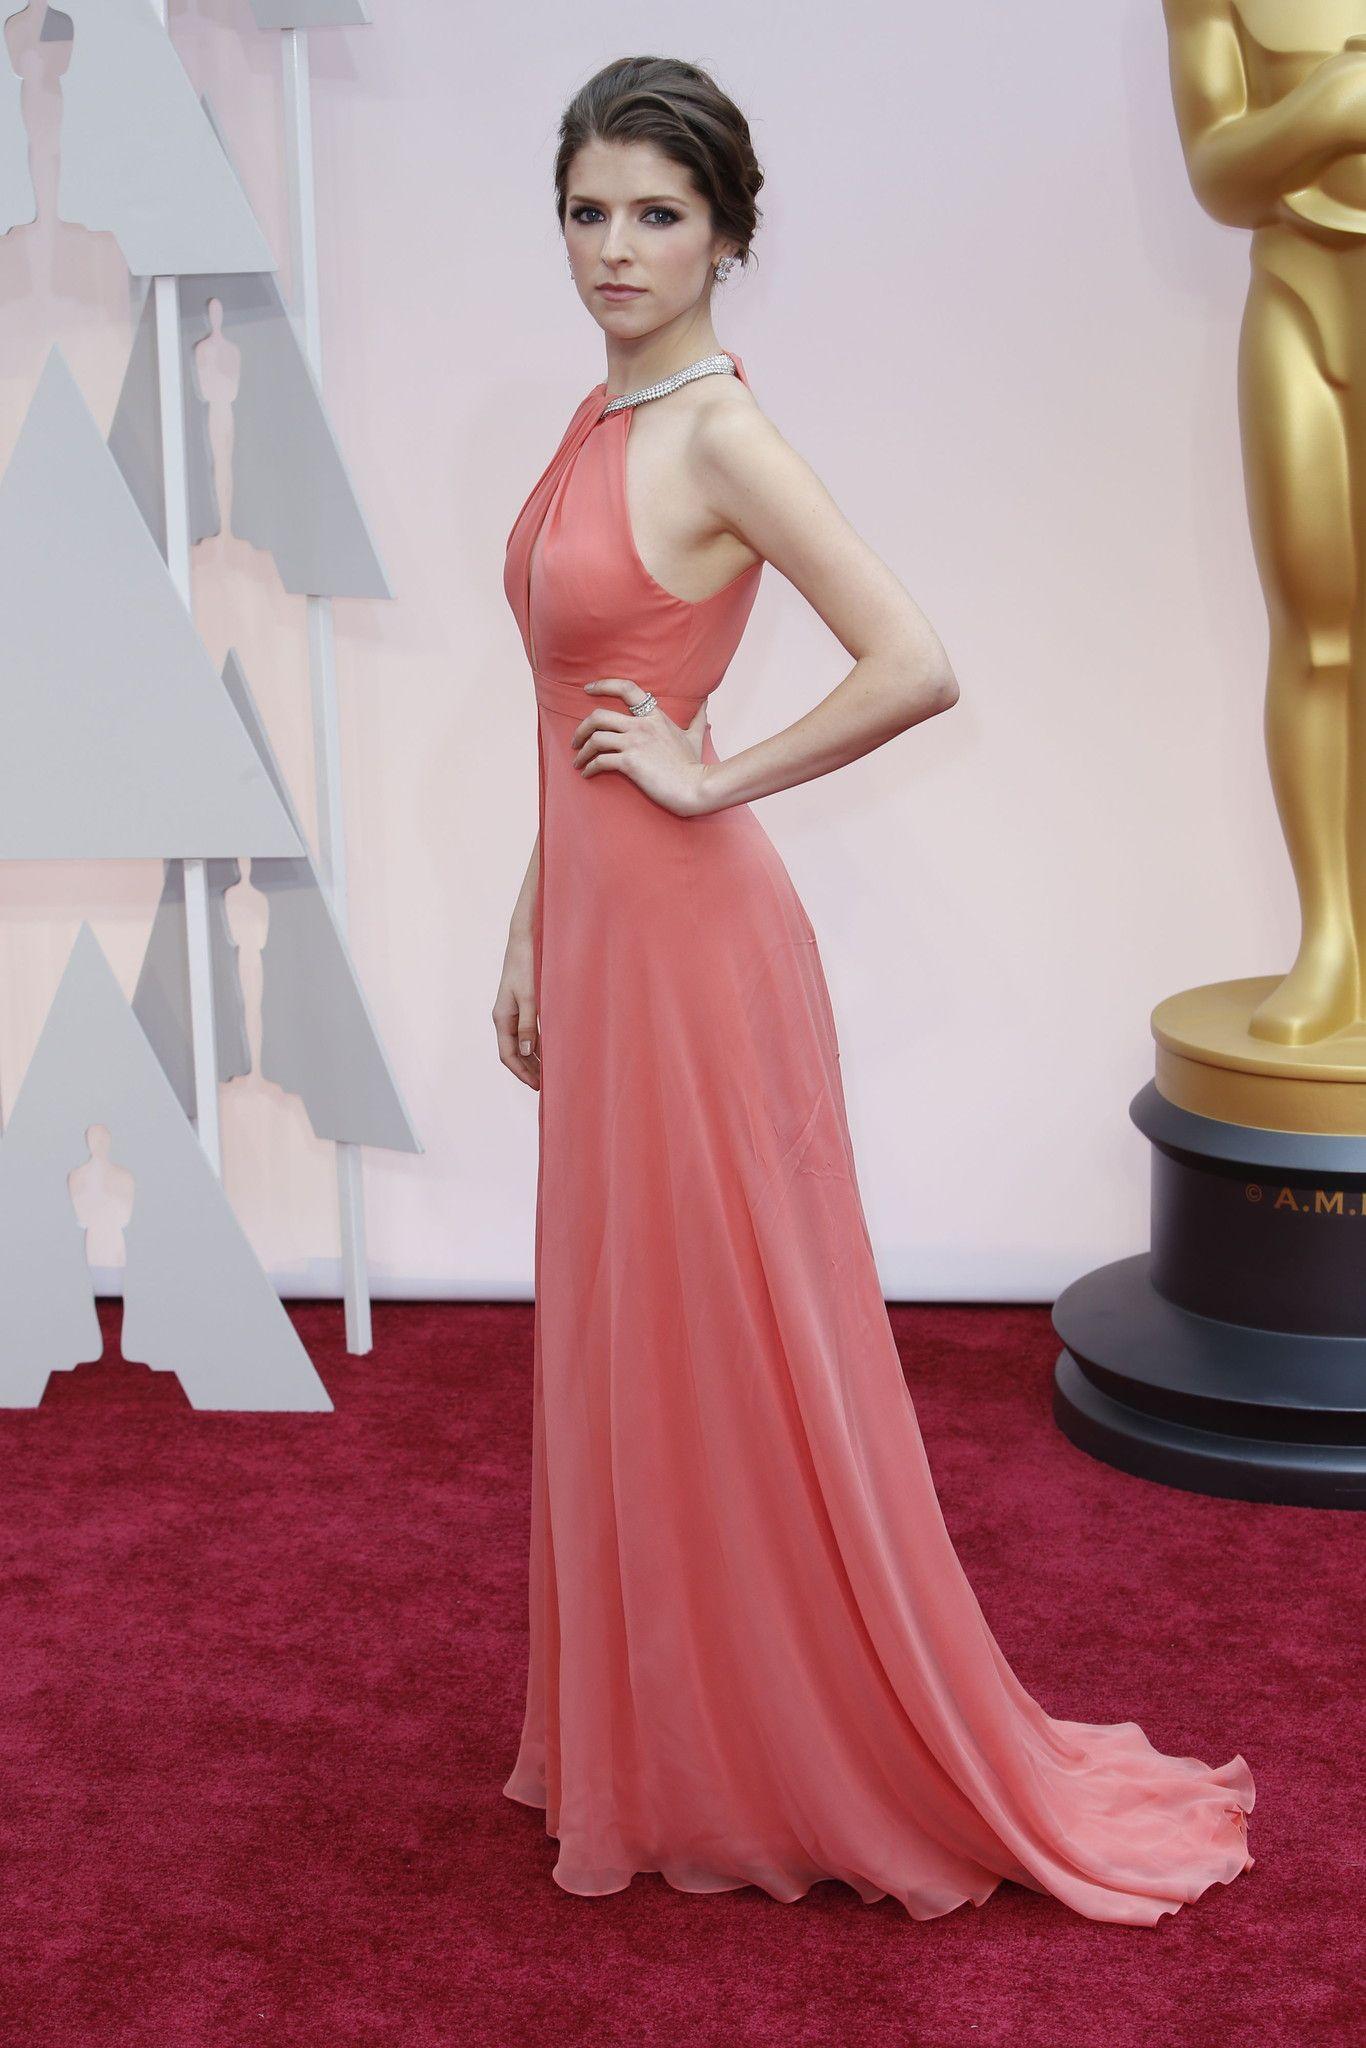 Oscars 2015 | Actrices hermosas, Artistas famosos y Actors